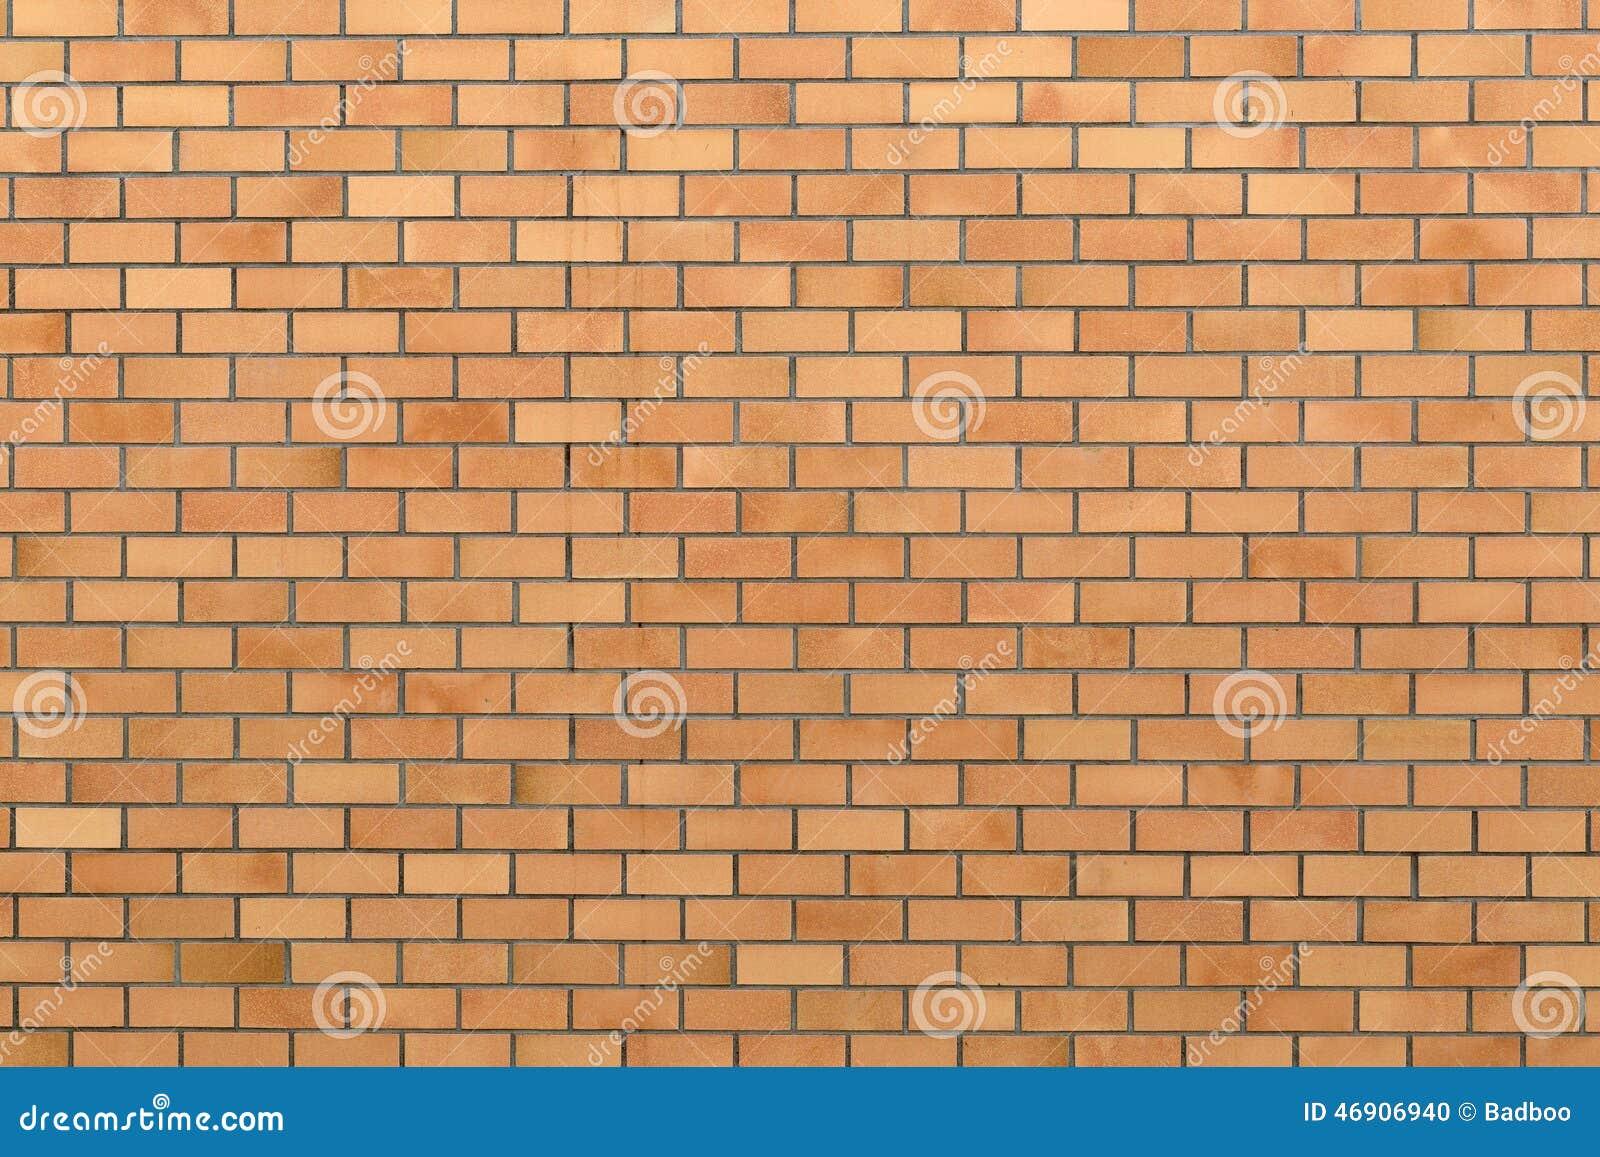 Mur de brique exterieur texture de mur for Brique mur exterieur